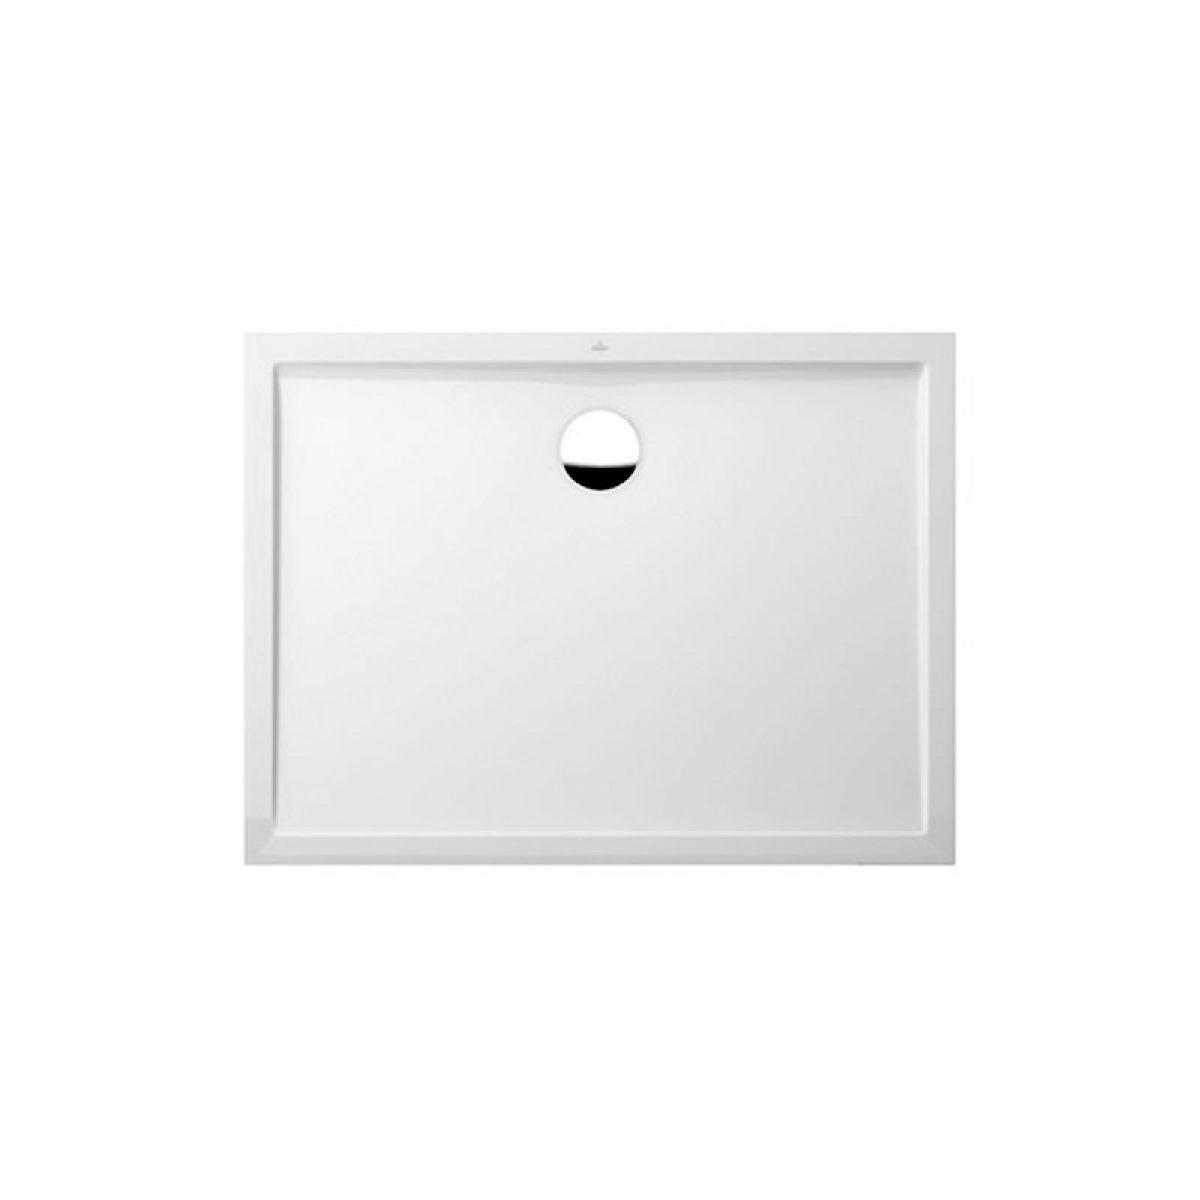 v b futurion flat rectangle shower tray uk bathrooms. Black Bedroom Furniture Sets. Home Design Ideas